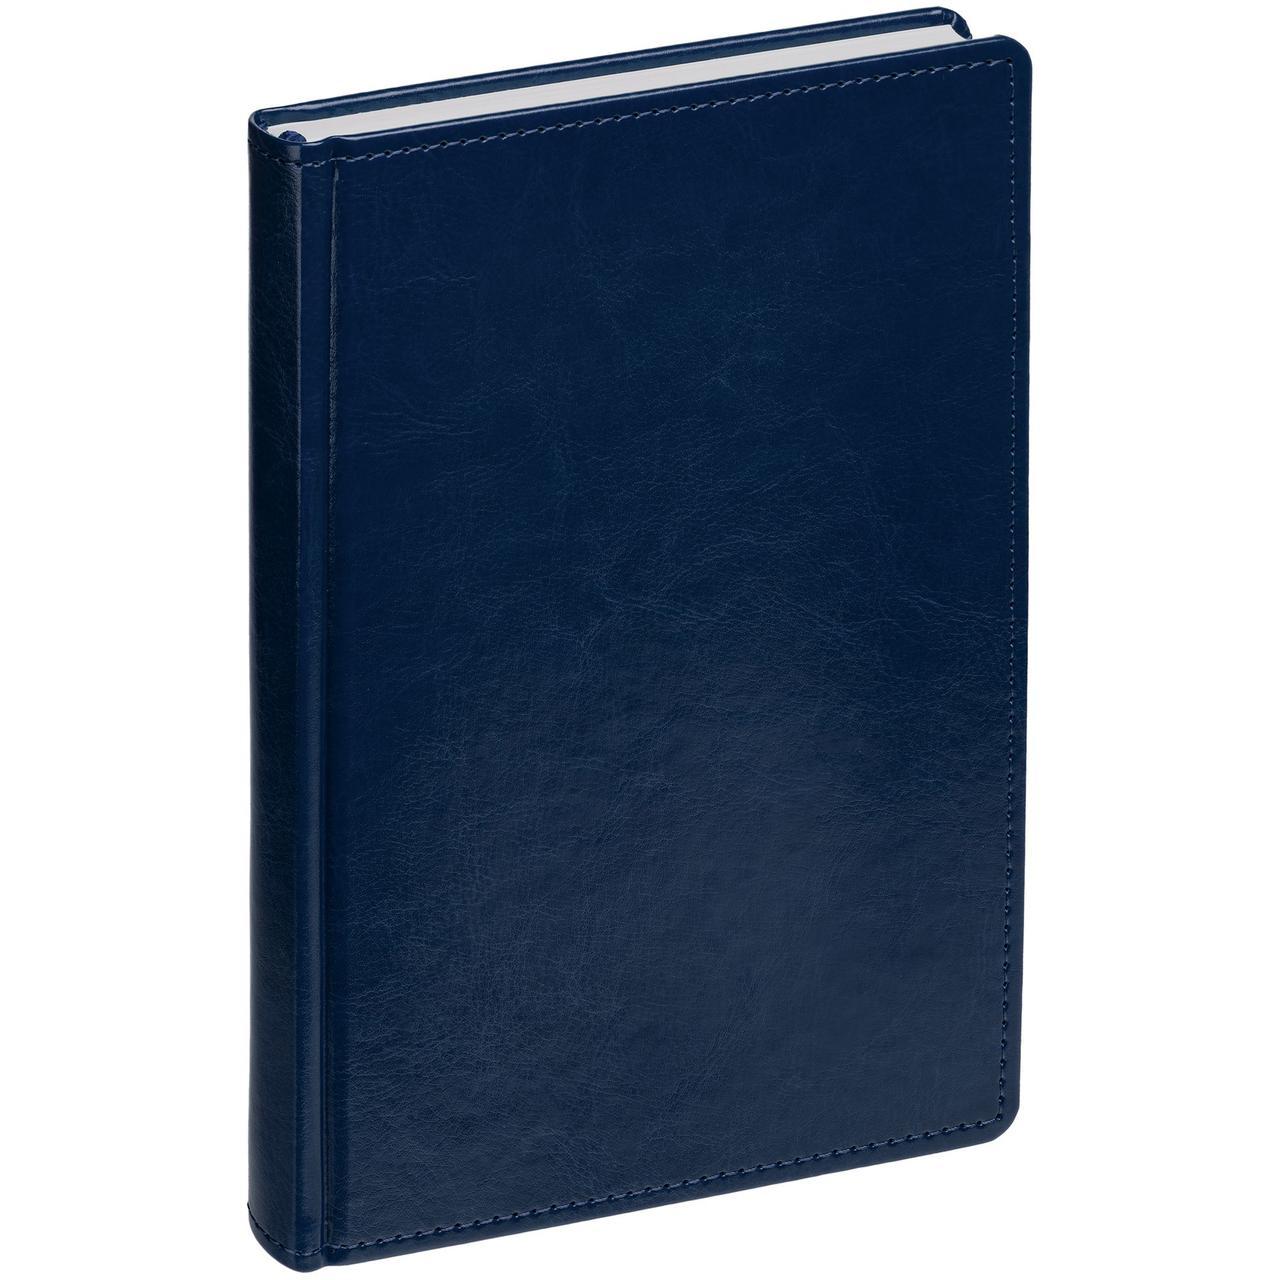 Ежедневник New Nebraska, датированный, синий (артикул 12878.44)